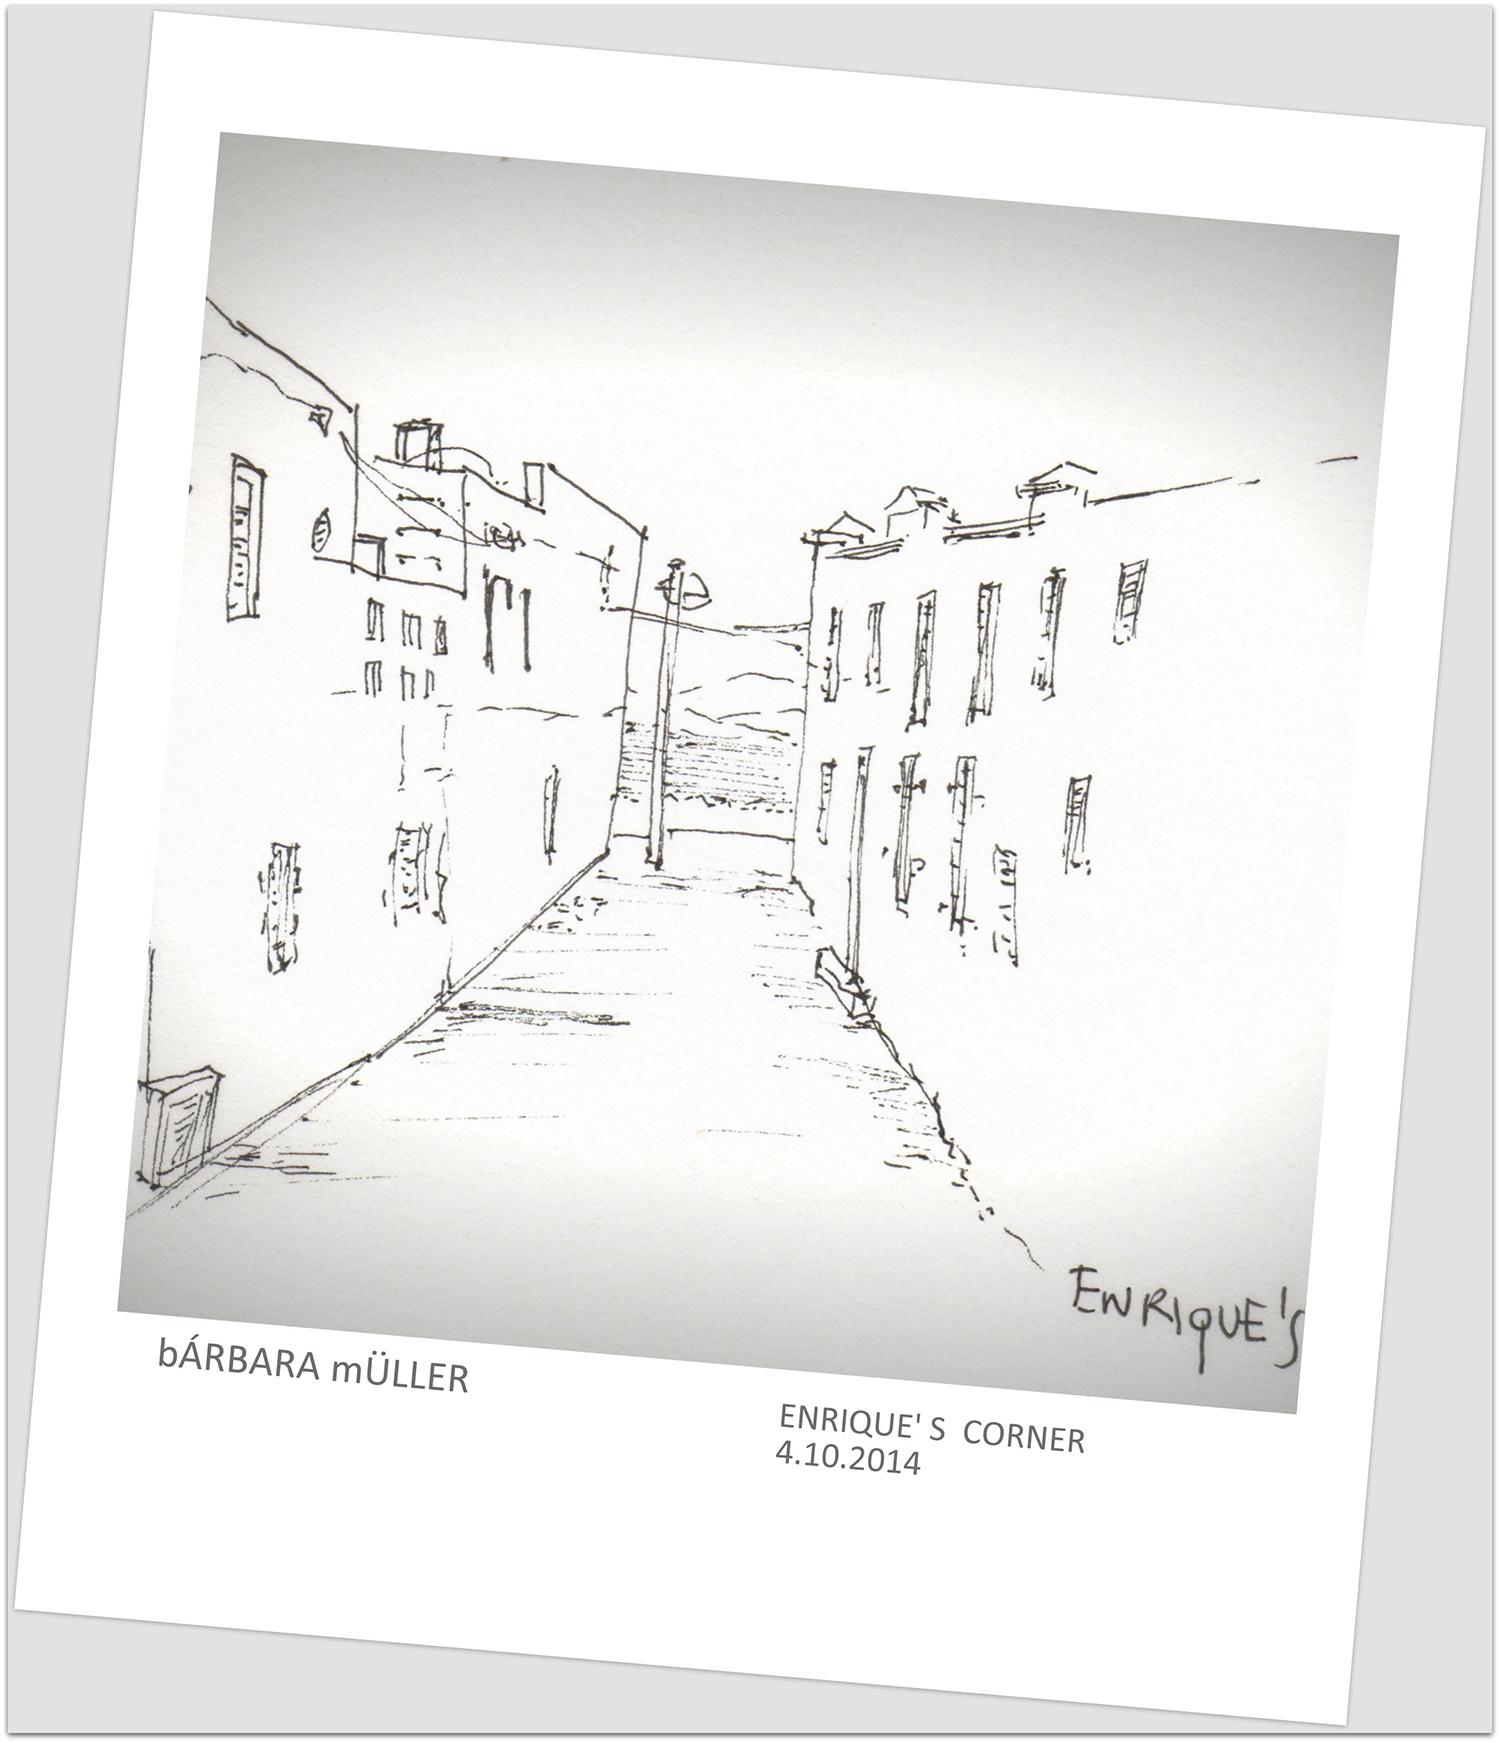 rincones de Enrique en Famara, Lanzarote, Islas Canarias España por Bárbara Müller dibujos de oultline en Lanzarote